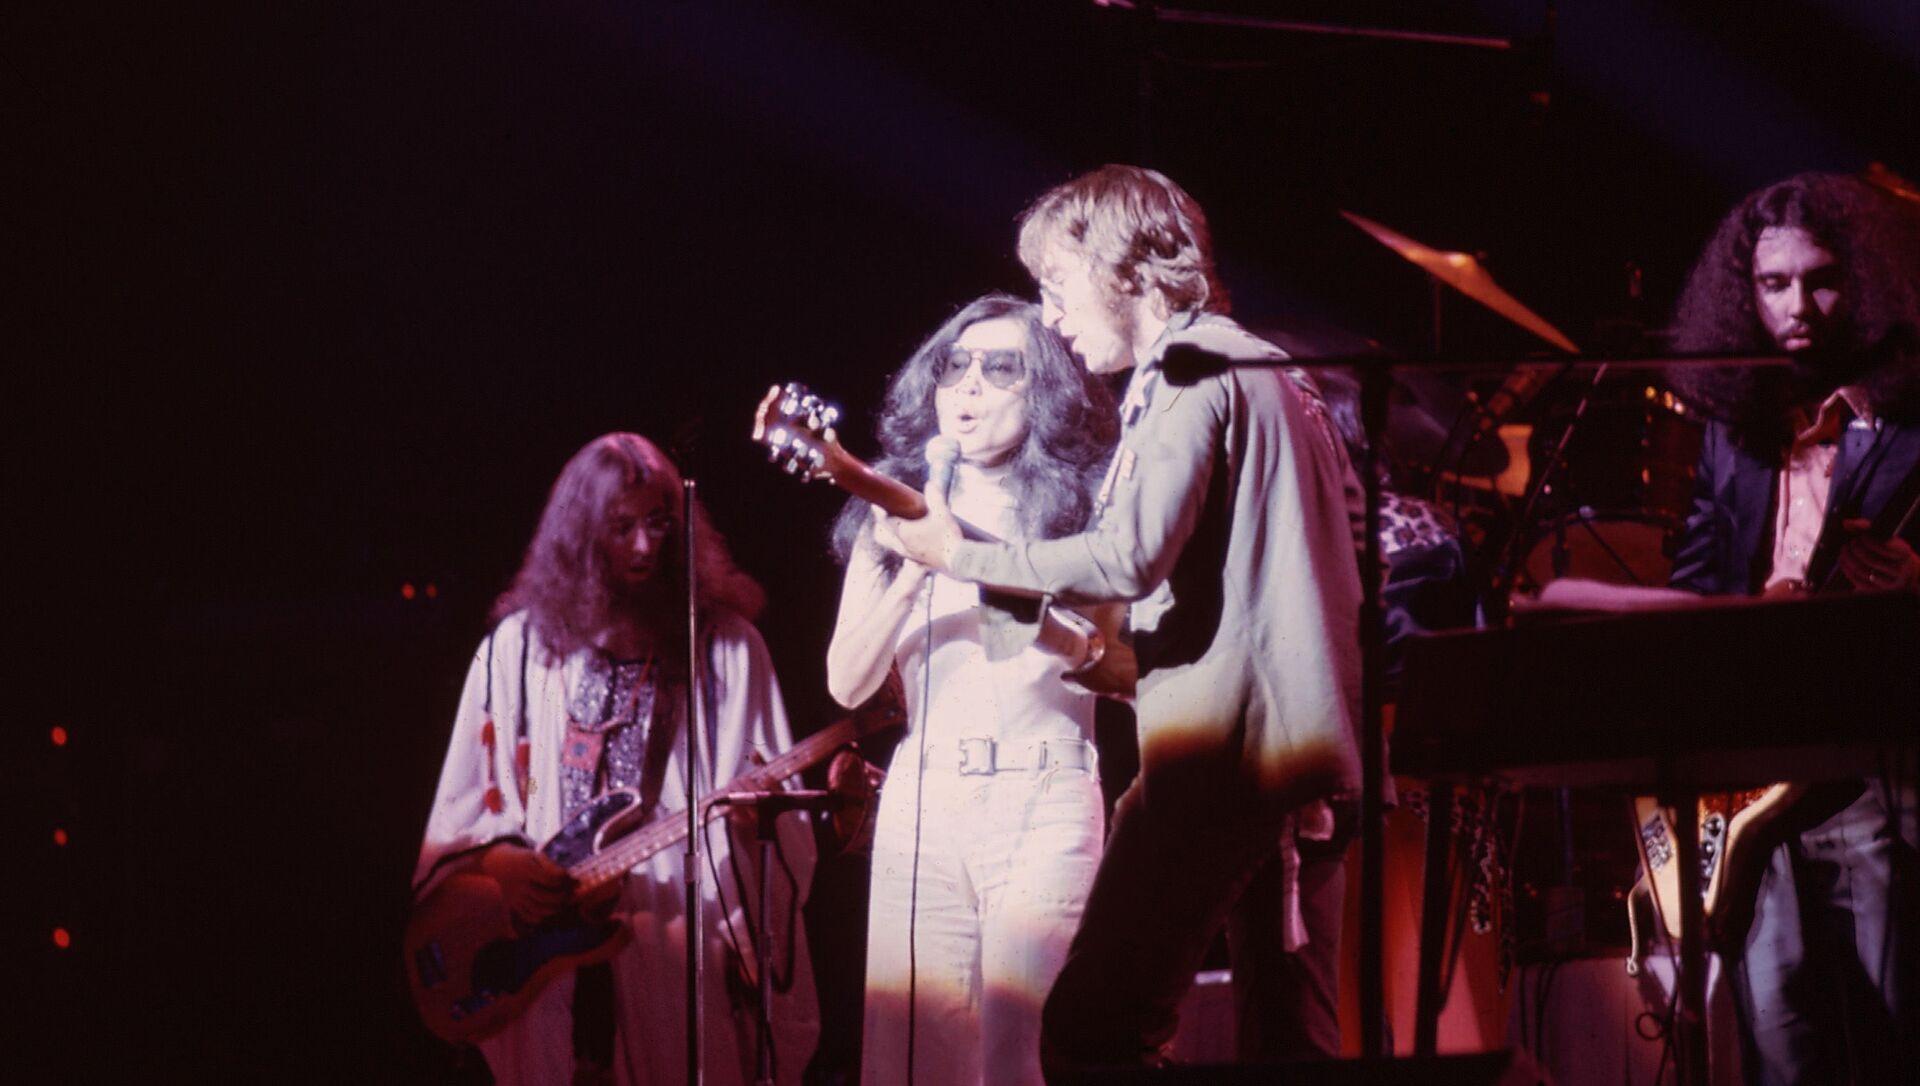 John Lennon junto a su esposa, Yoko Ono - Sputnik Mundo, 1920, 08.10.2020